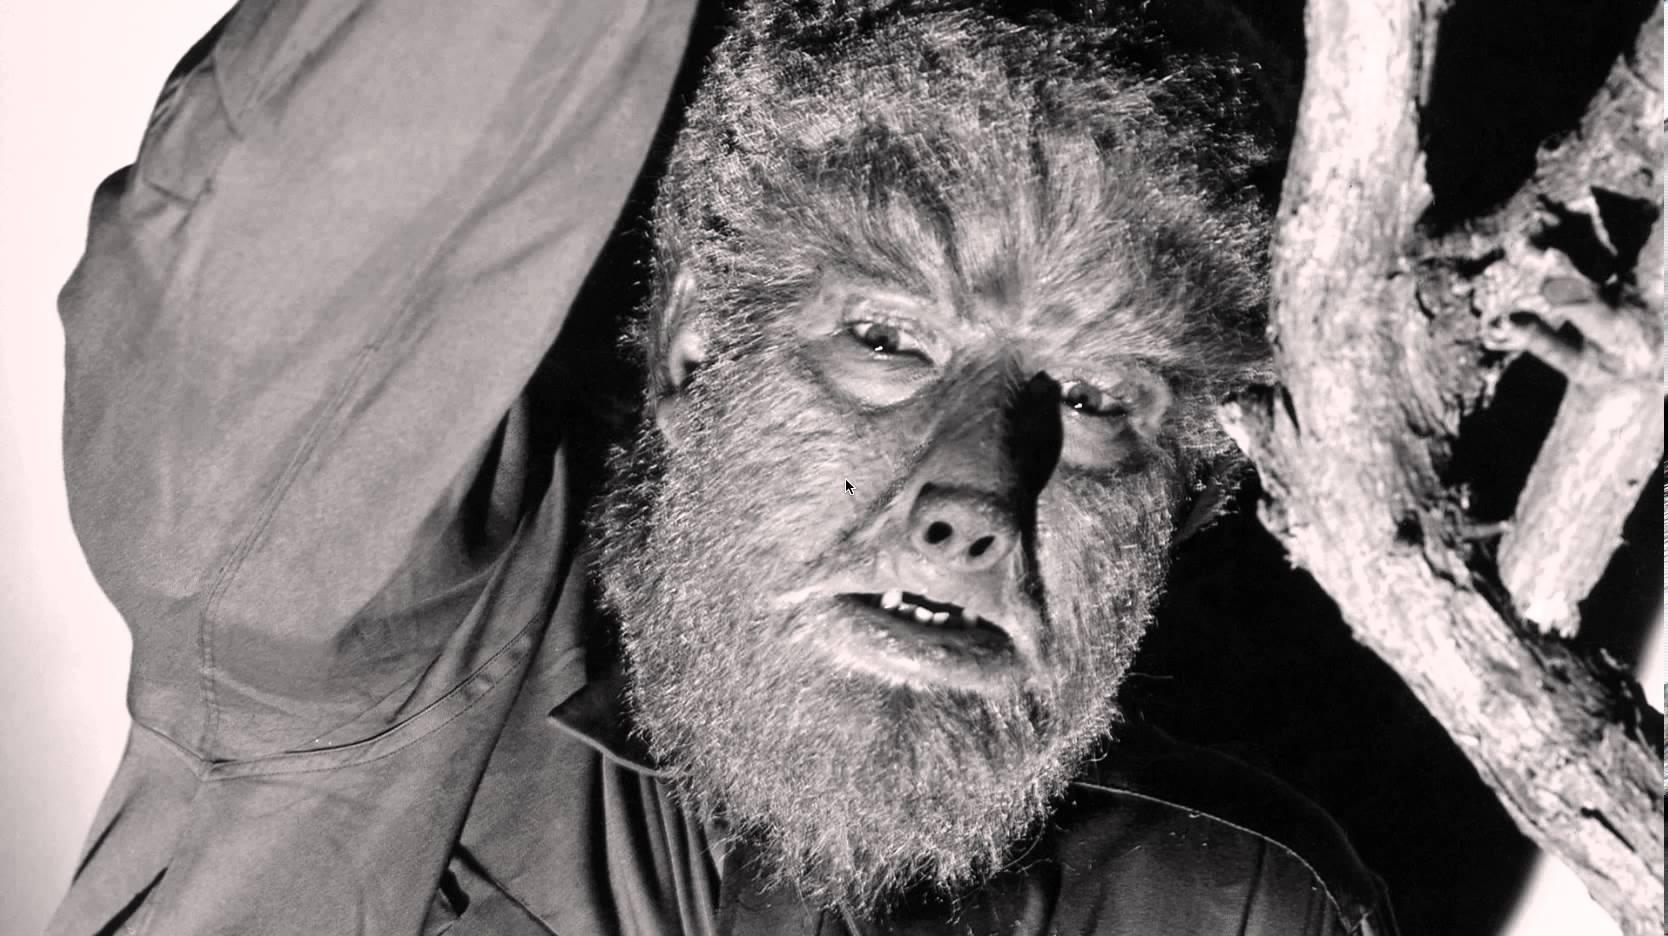 I 5 Migliori Classici Horror Targati Universal 6 - Hynerd.it